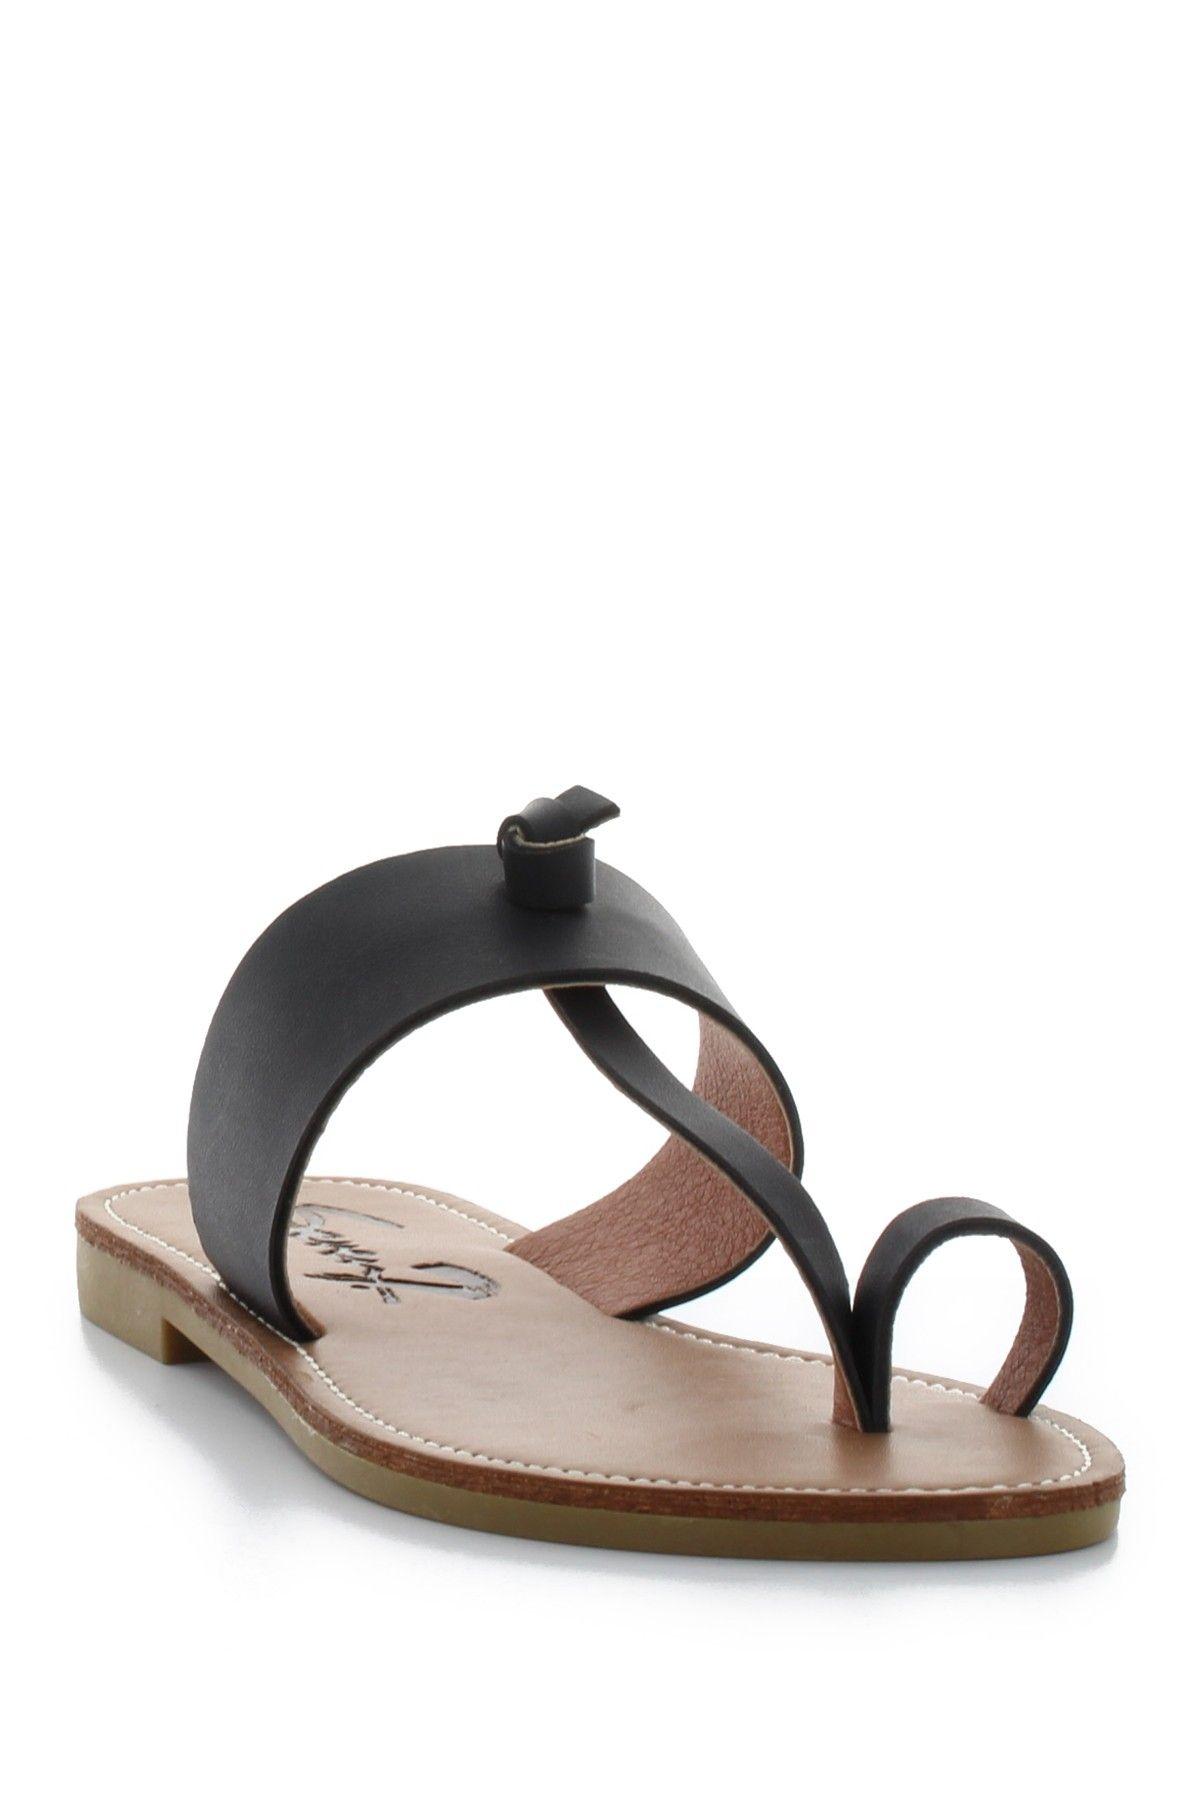 St. Tropez Fashion Sandal